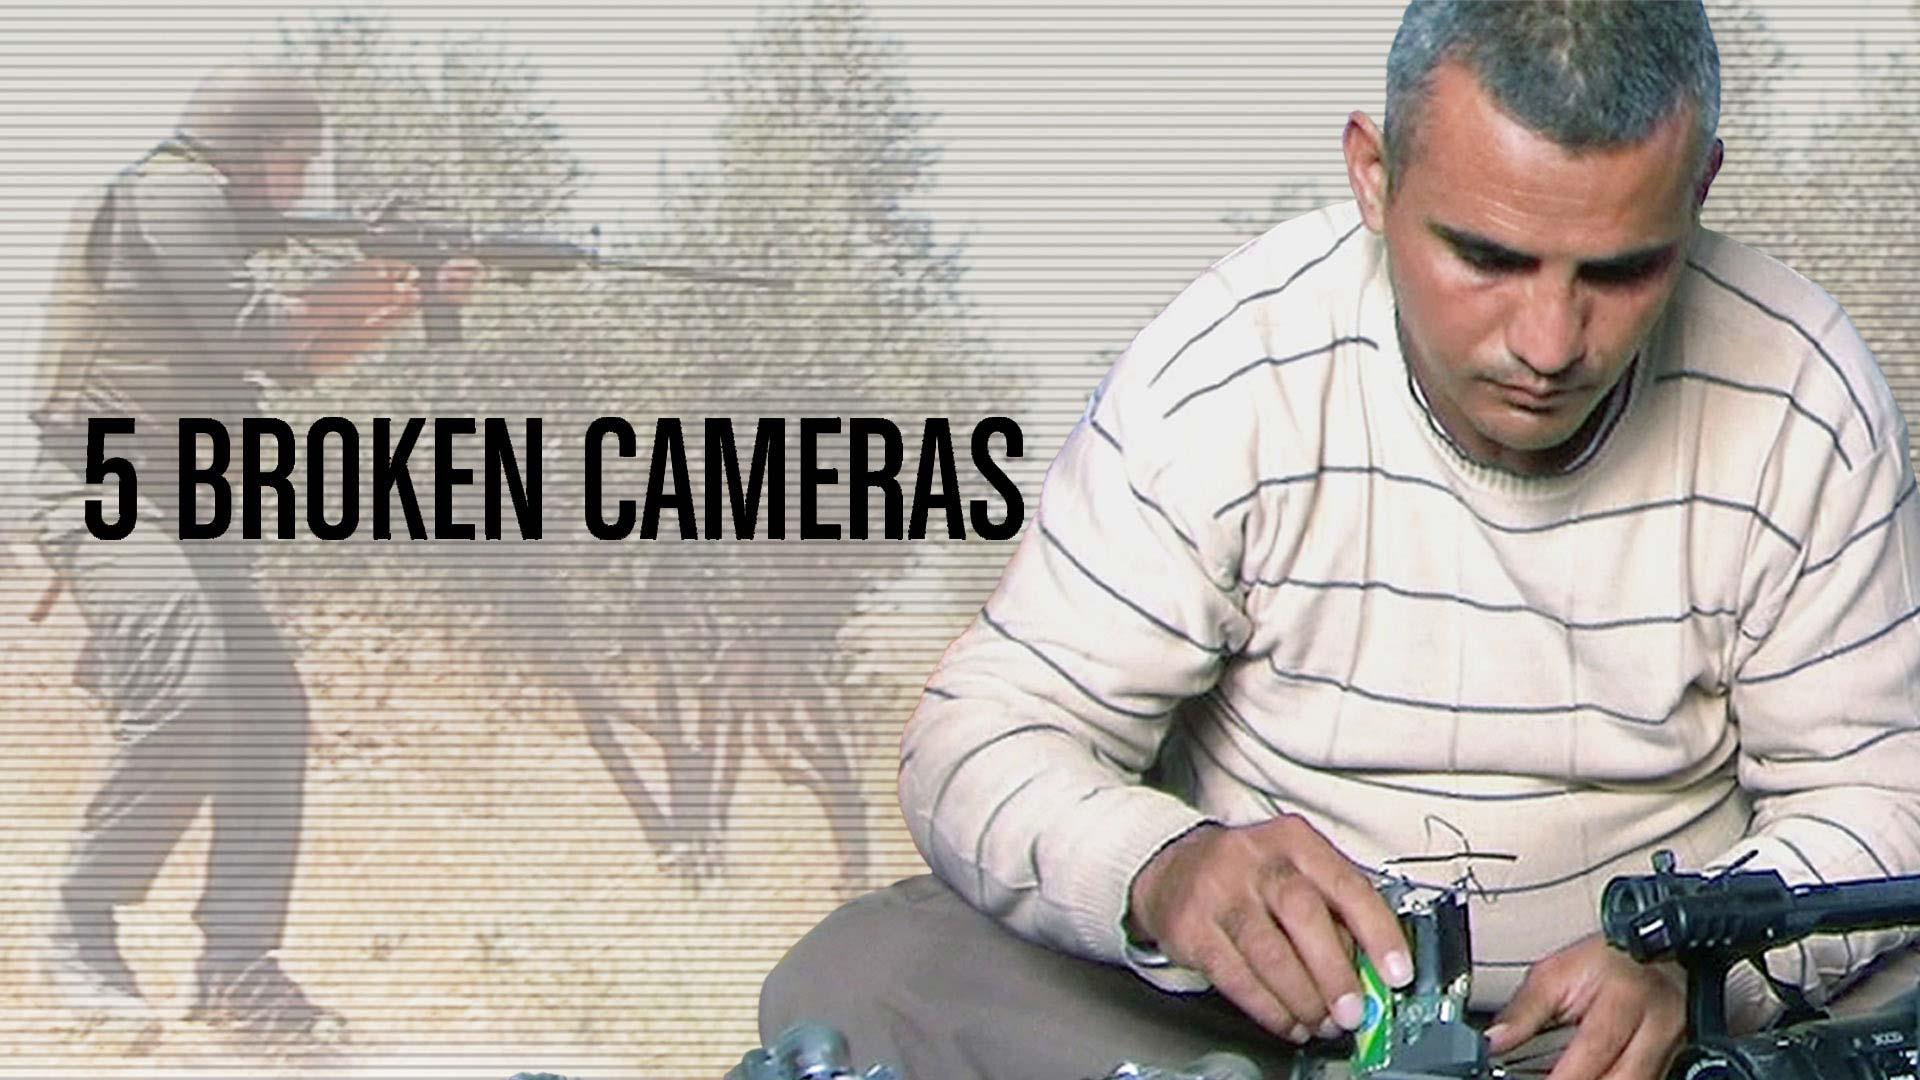 5 Broken Cameras - image